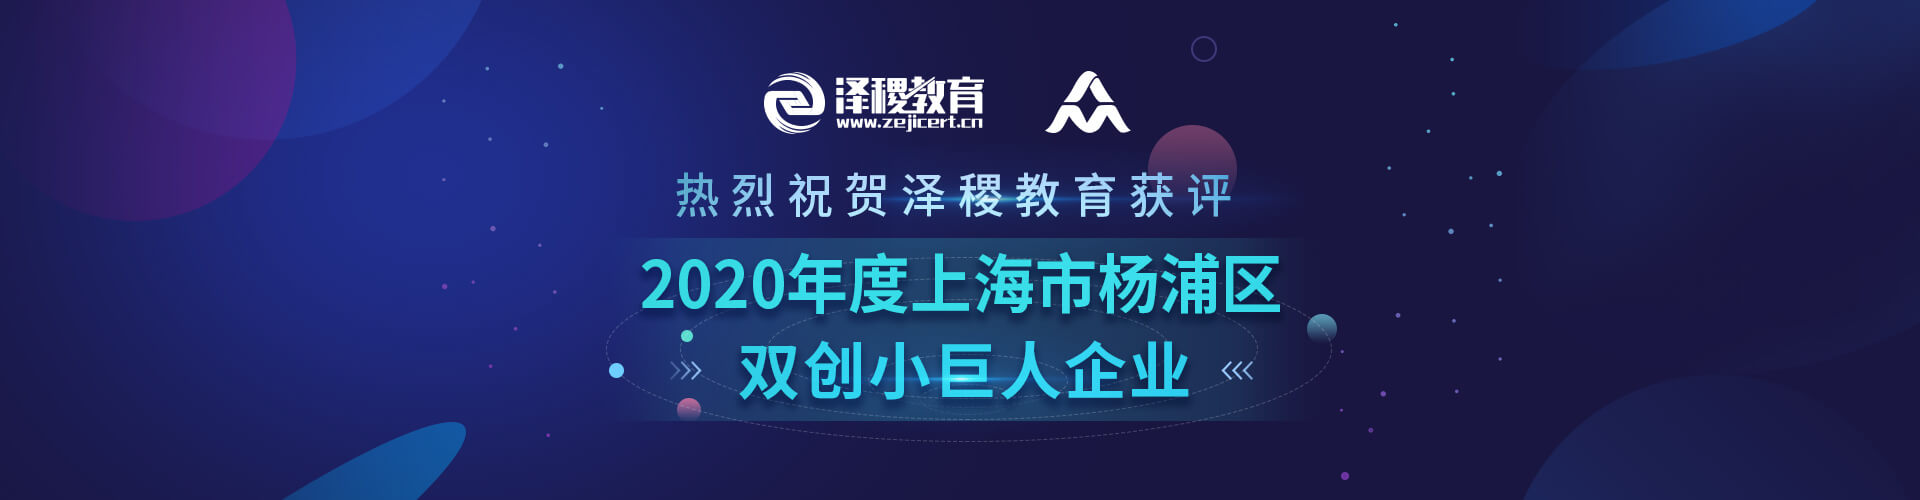 """热烈祝贺泽稷教育获评""""2020年度上海市杨浦区双创小巨人""""企业"""